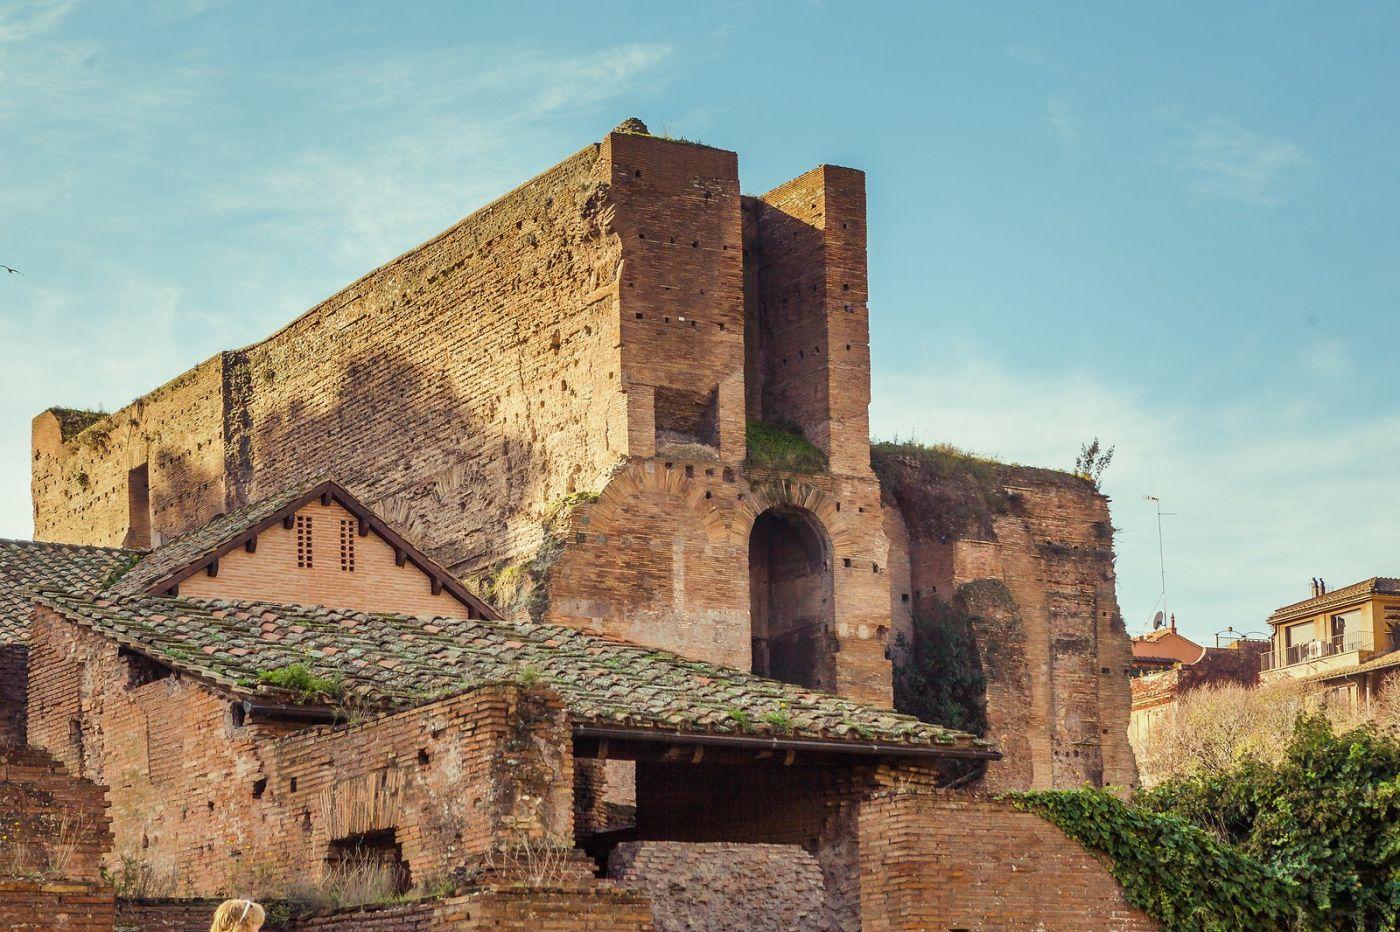 意大利罗马论坛,二千年的历史_图1-3